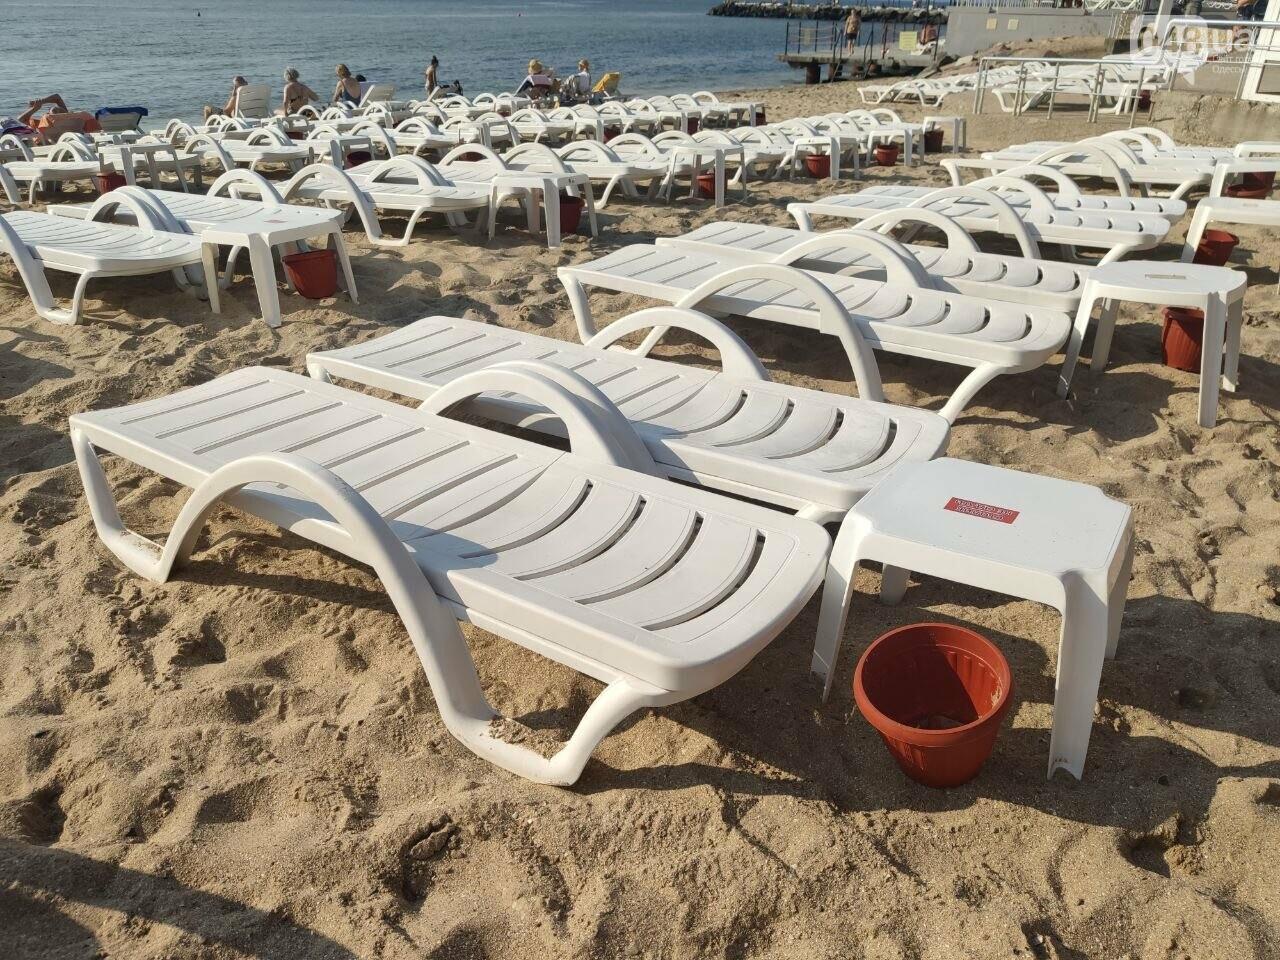 Пляж на Совиньоне под Одессой: что находится на закрытой территории и как туда попасть, - ФОТО, фото-4